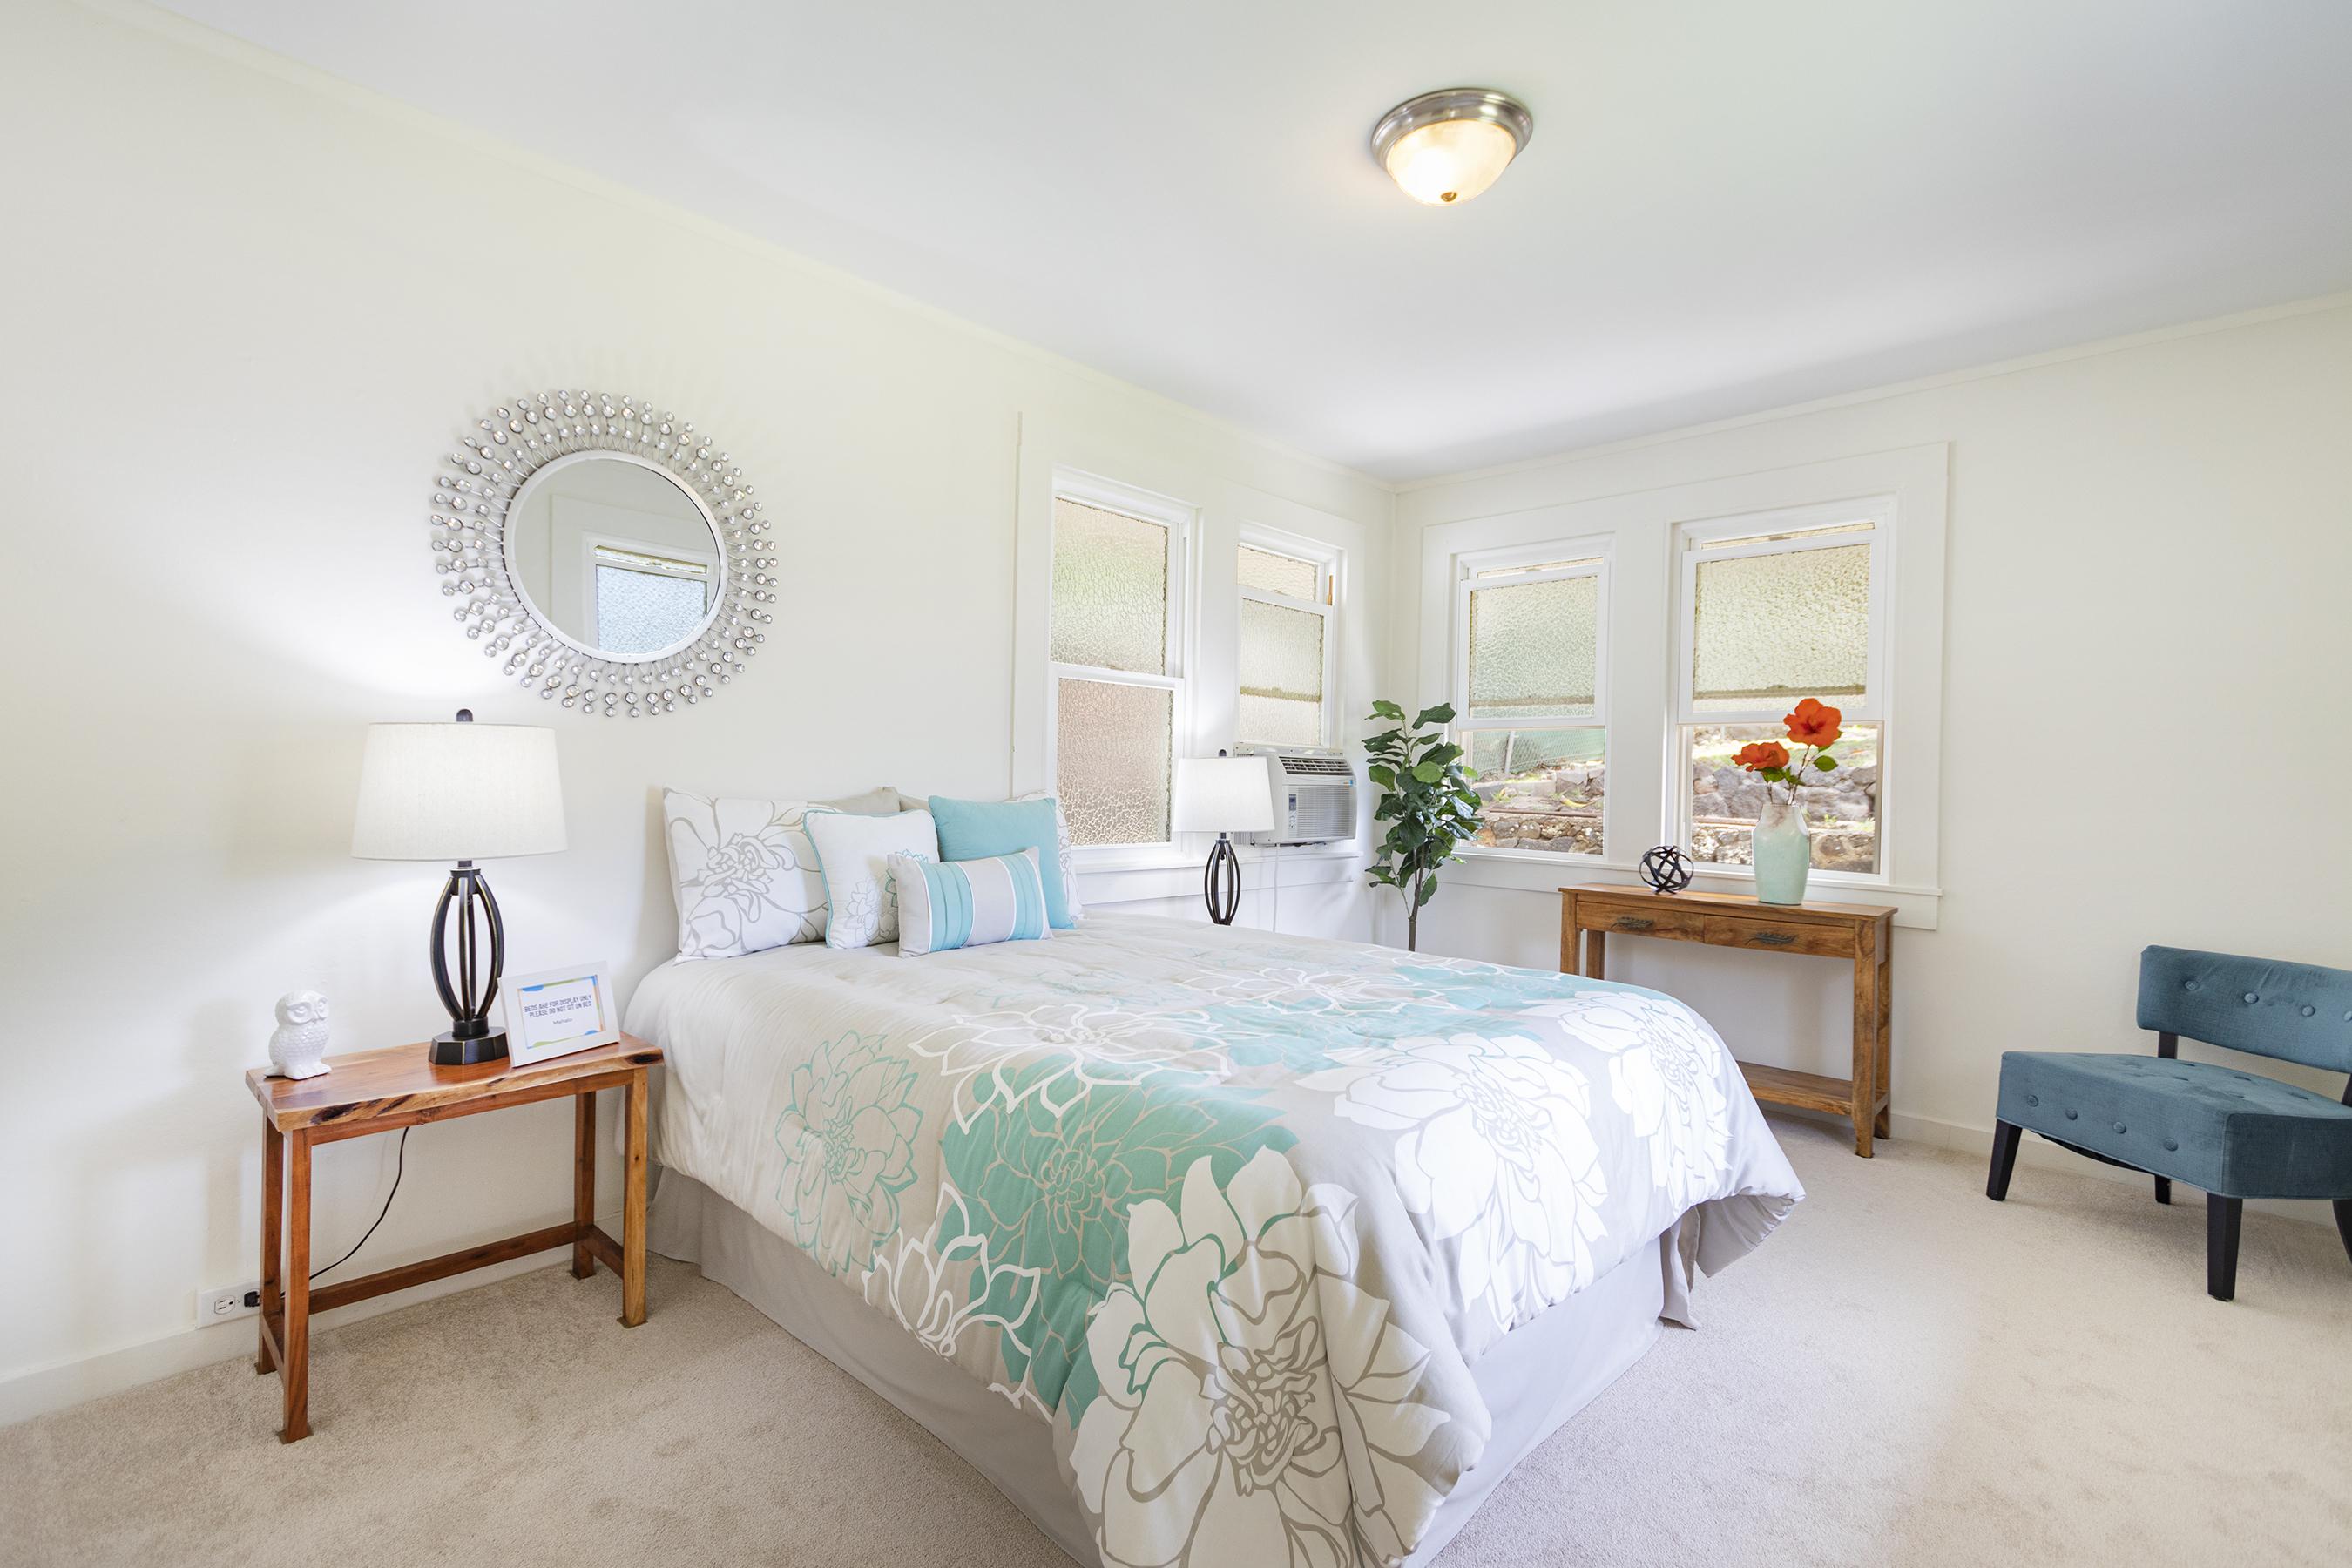 Master bedroom at 1955 9th Avenue, Honolulu 96816